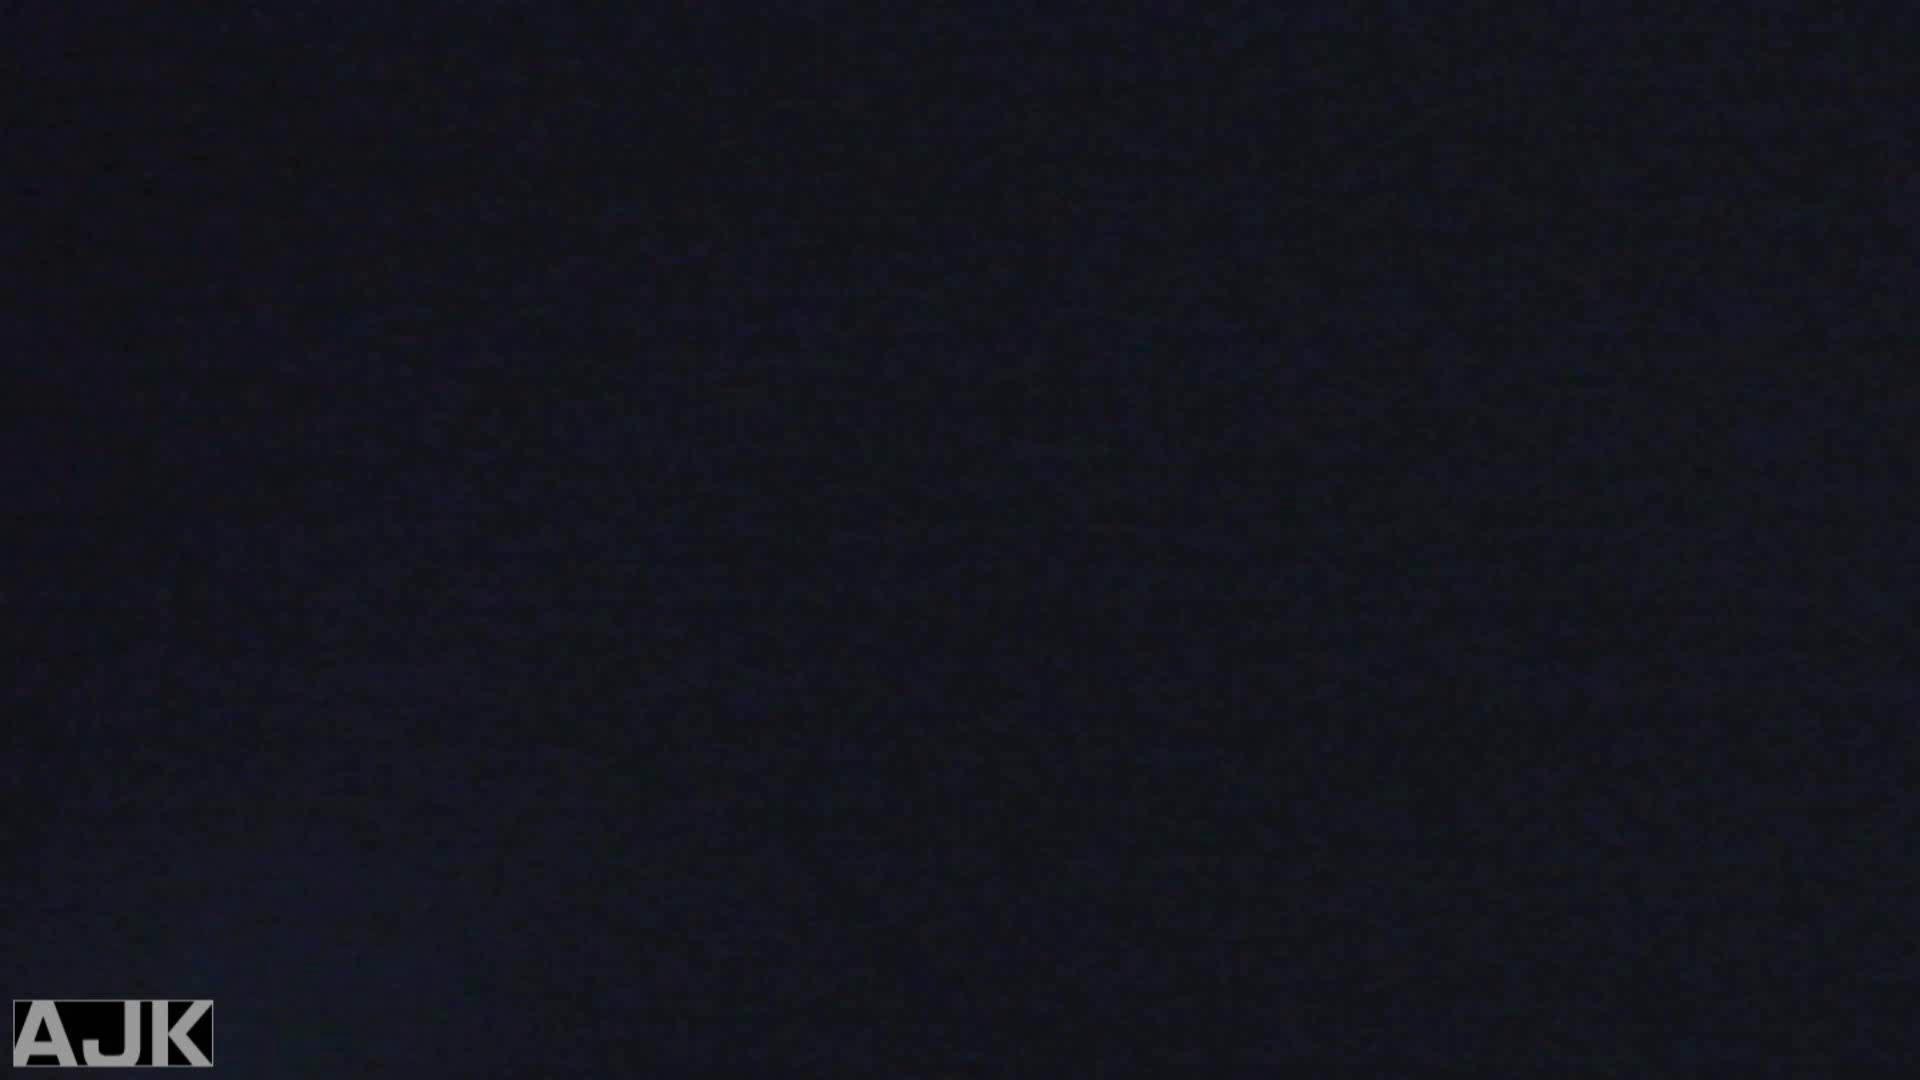 神降臨!史上最強の潜入かわや! vol.22 潜入  56連発 7